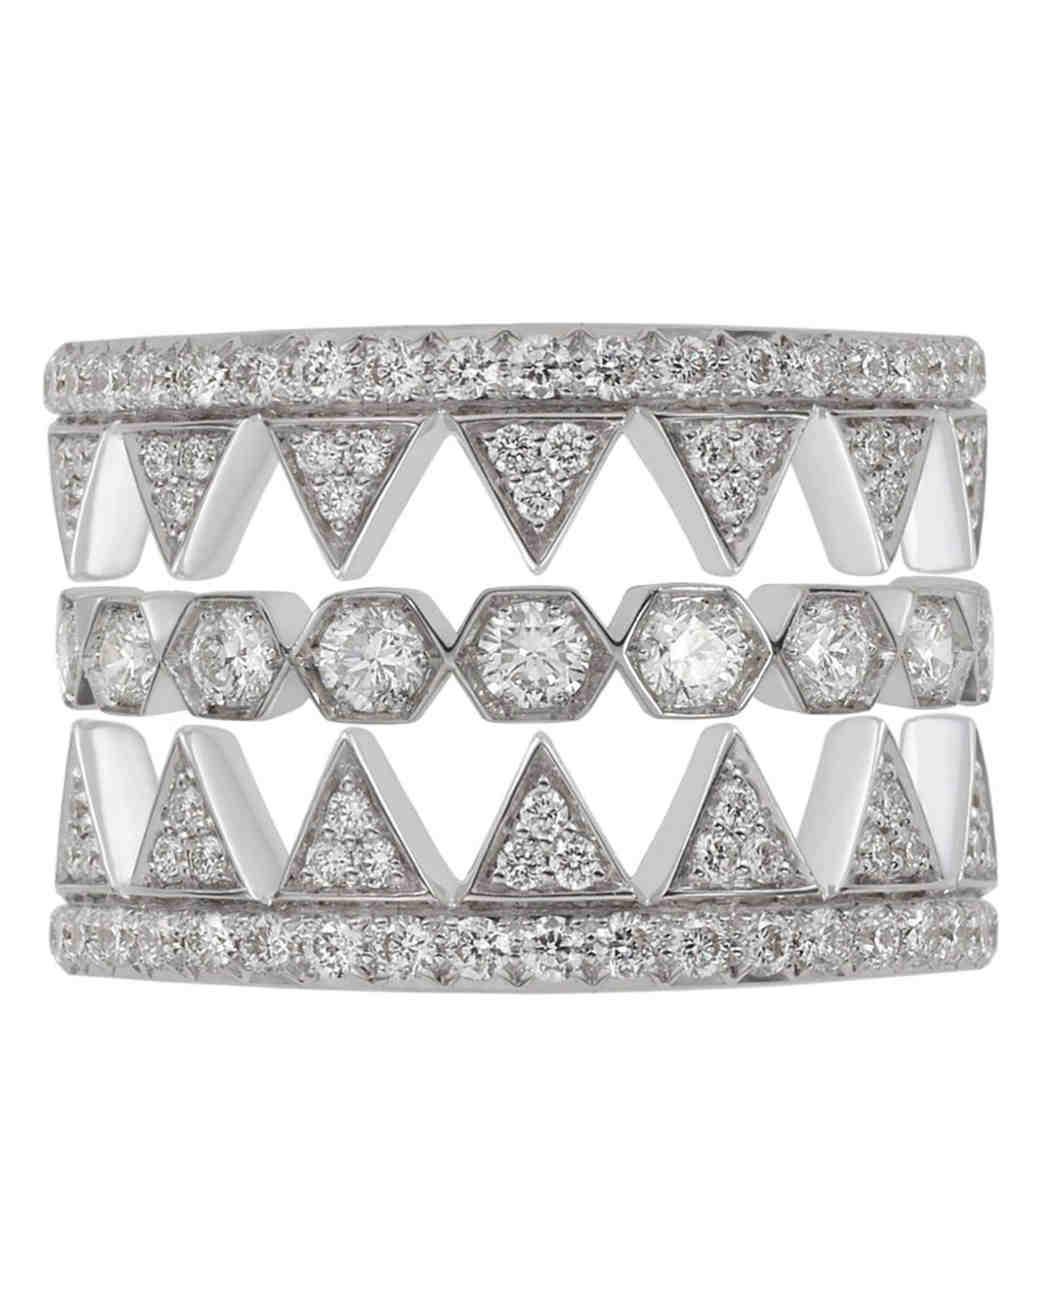 Noor Fares Eye Do White Diamond Combination Collection Ring